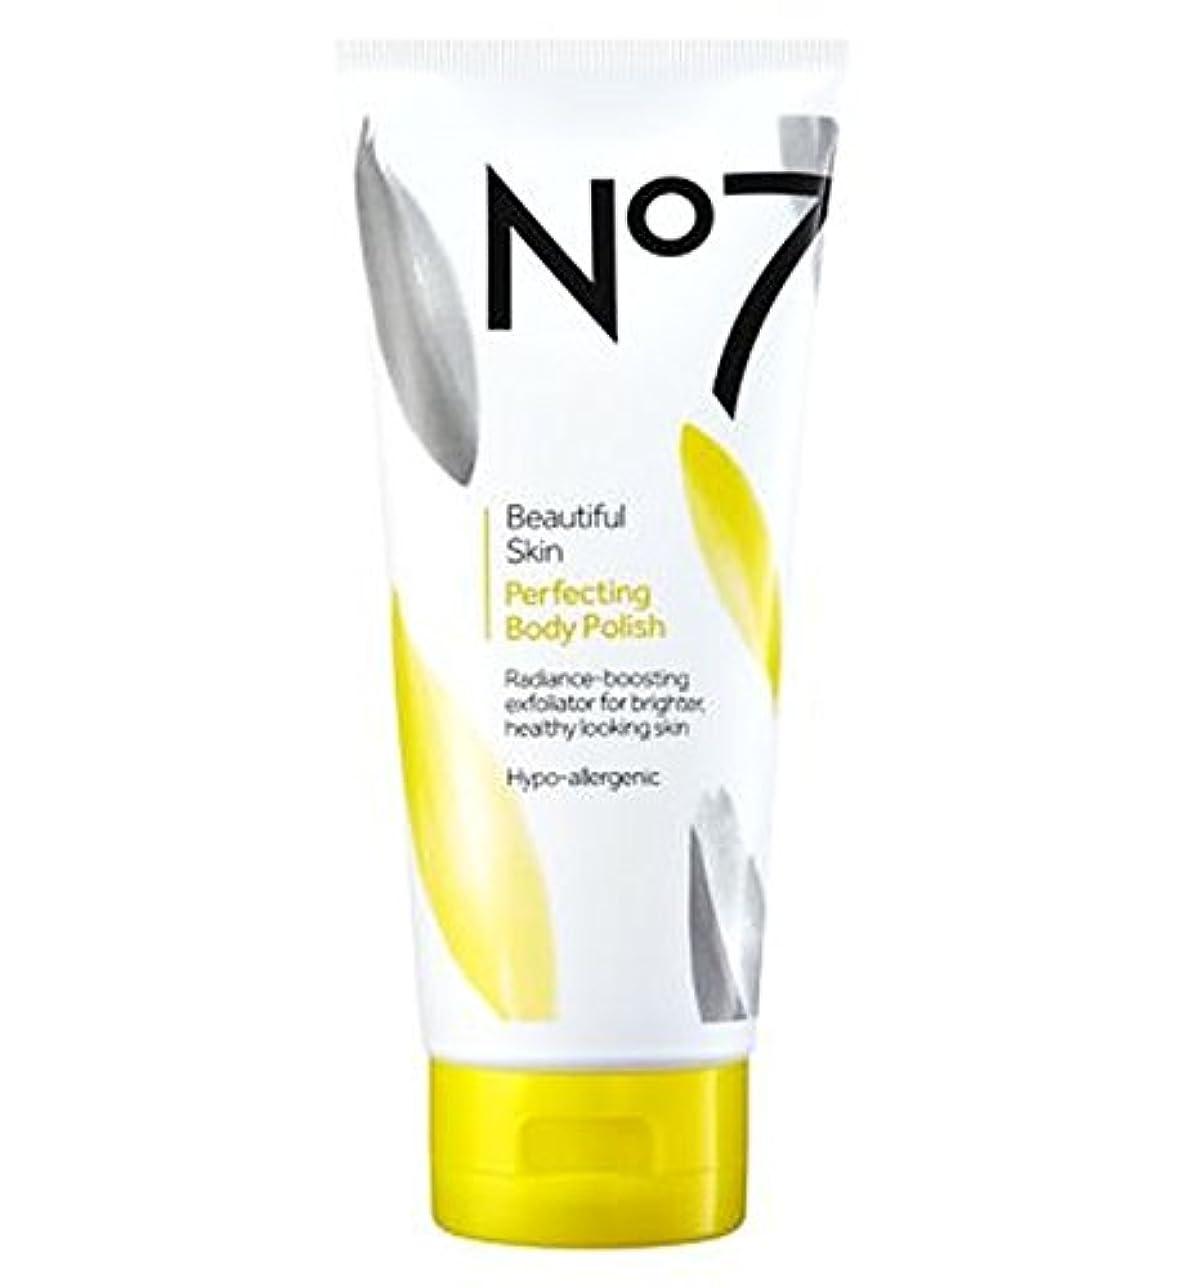 論争エミュレートする種ボディポリッシュを完成No7美肌 (No7) (x2) - No7 Beautiful Skin Perfecting Body Polish (Pack of 2) [並行輸入品]